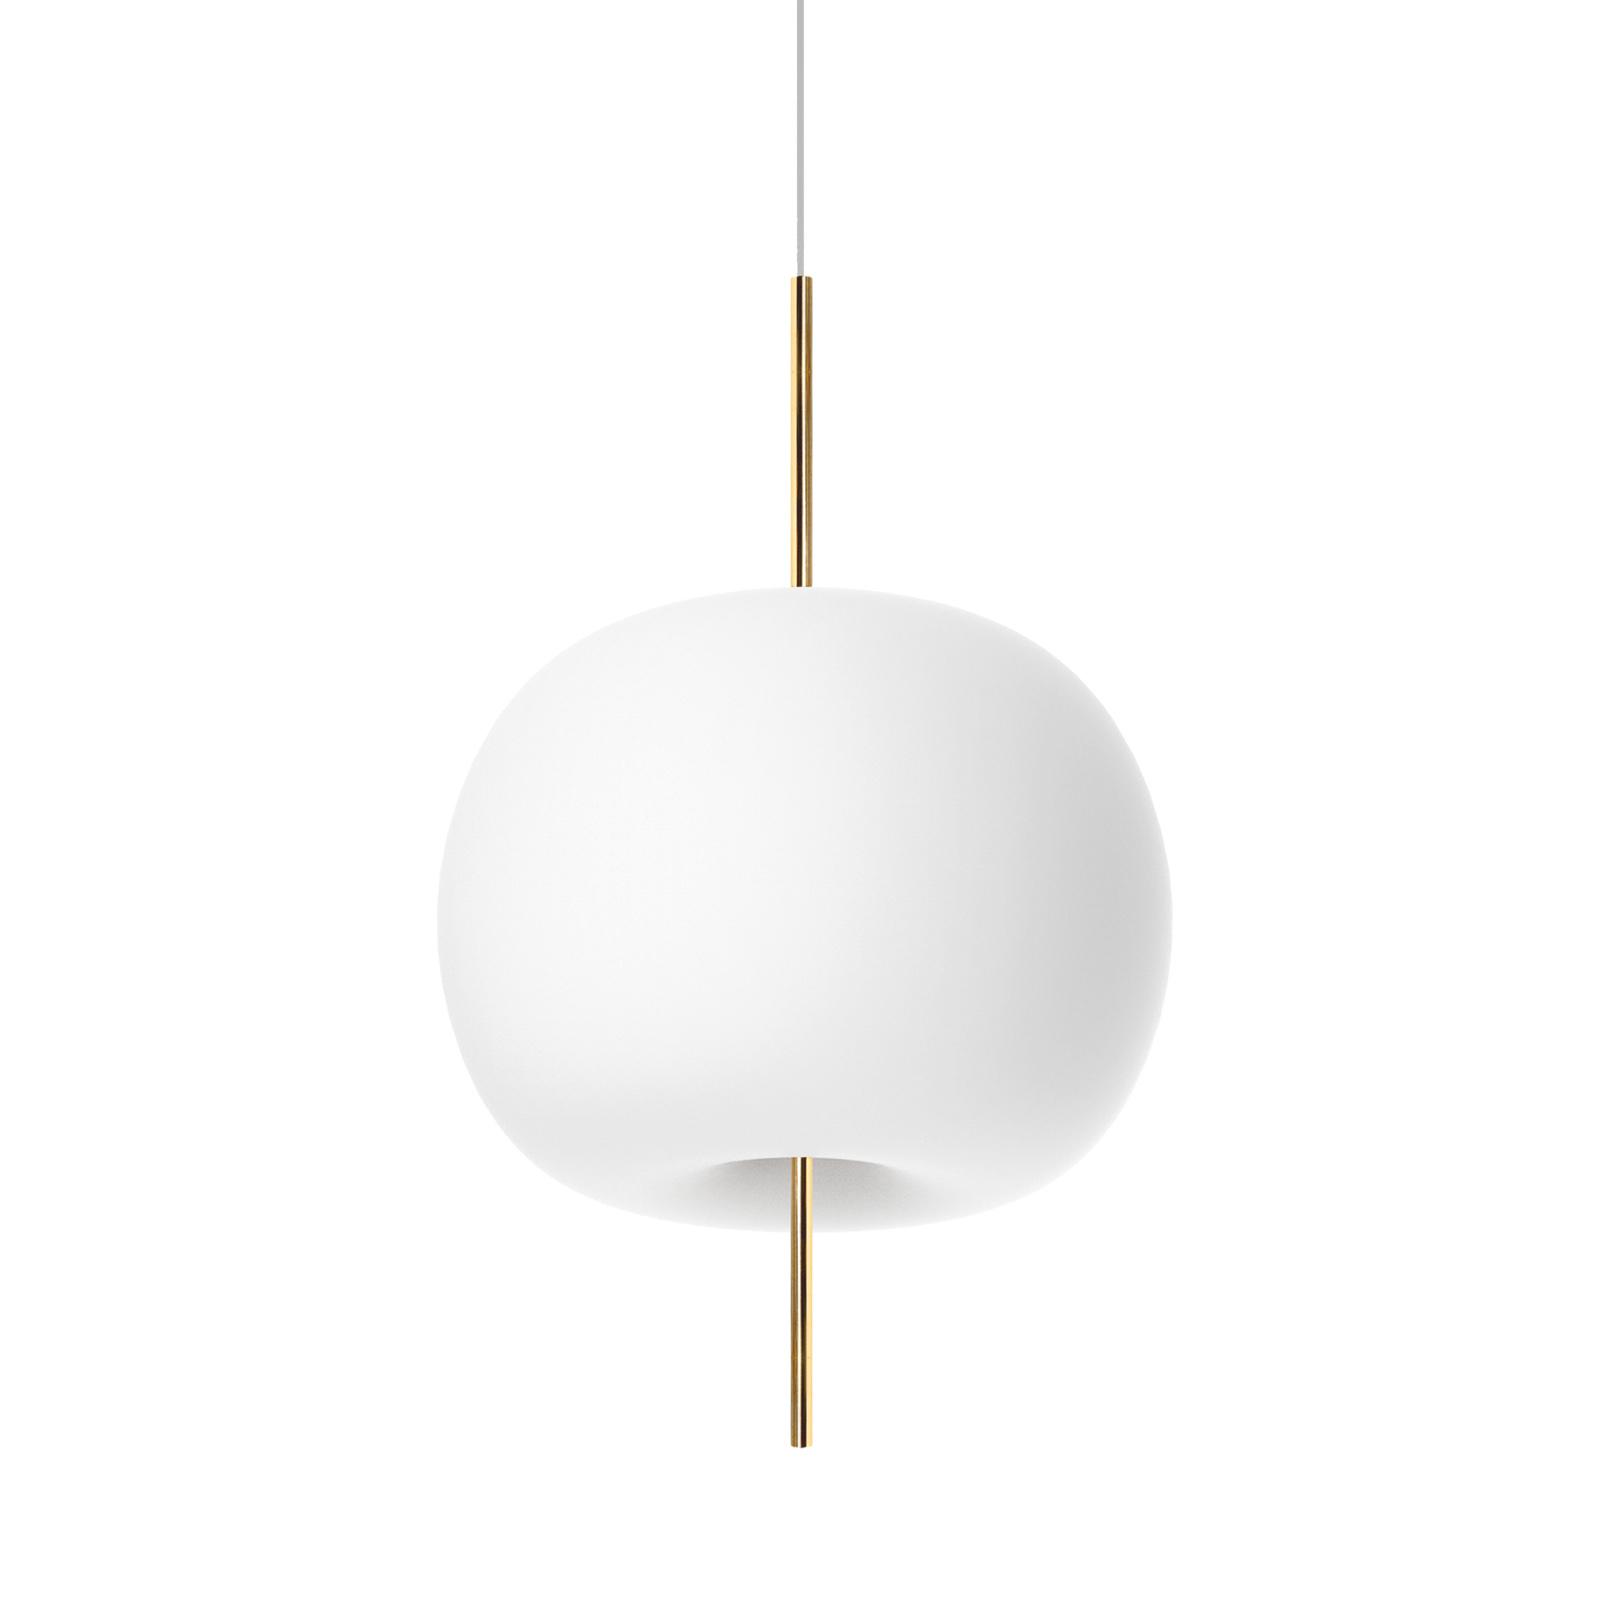 Kundalini Kushi hængelampe Ø 33 cm messing/hvid